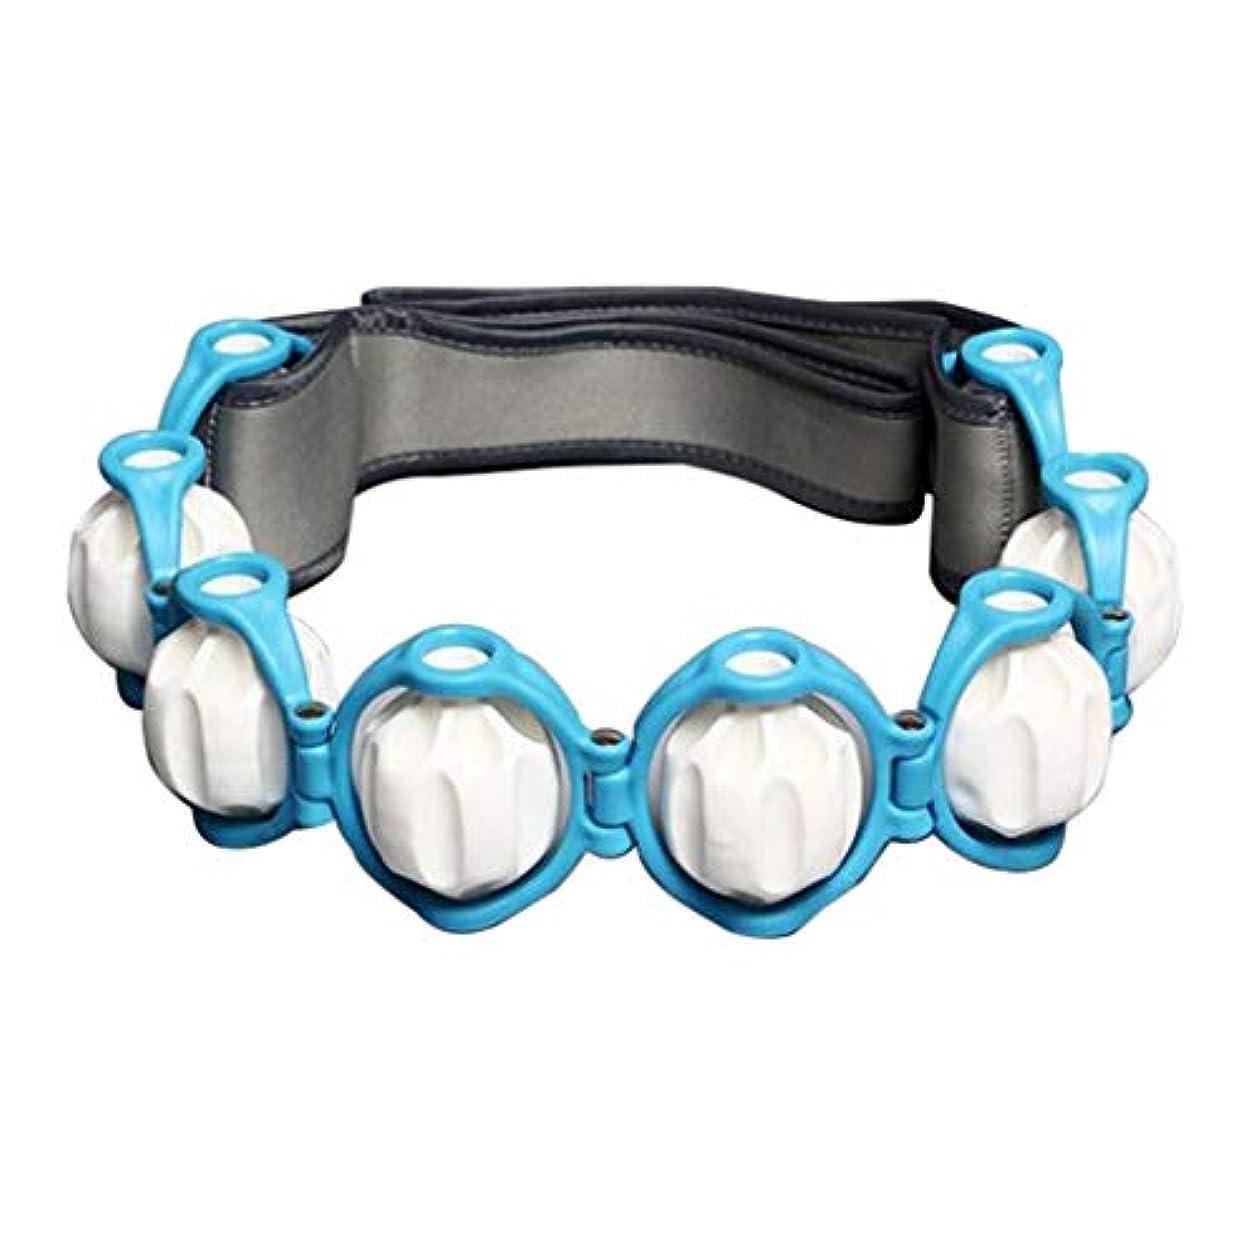 活性化相関するどこでもHellery フルボディ - 多機能 - 痛みを軽減するためのハンドヘルドマッサージローラーロープ - 青, 説明したように